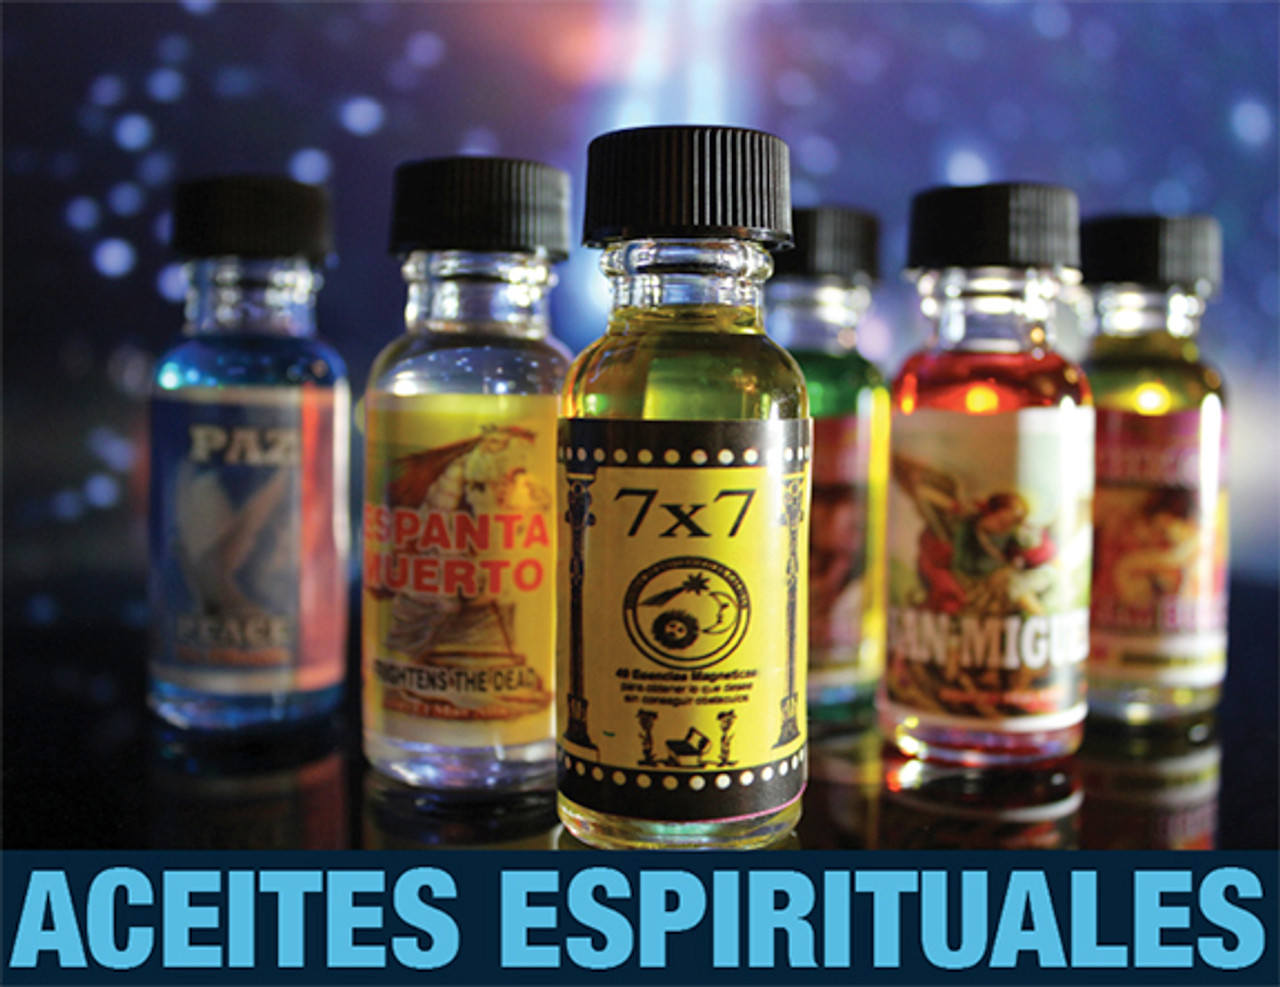 Aceite Espirituales, Aceite 7x7, Aceite San Miguel, Aceite Espanta Muerto, Aceite Amansa Guapo, Aceite Paz.